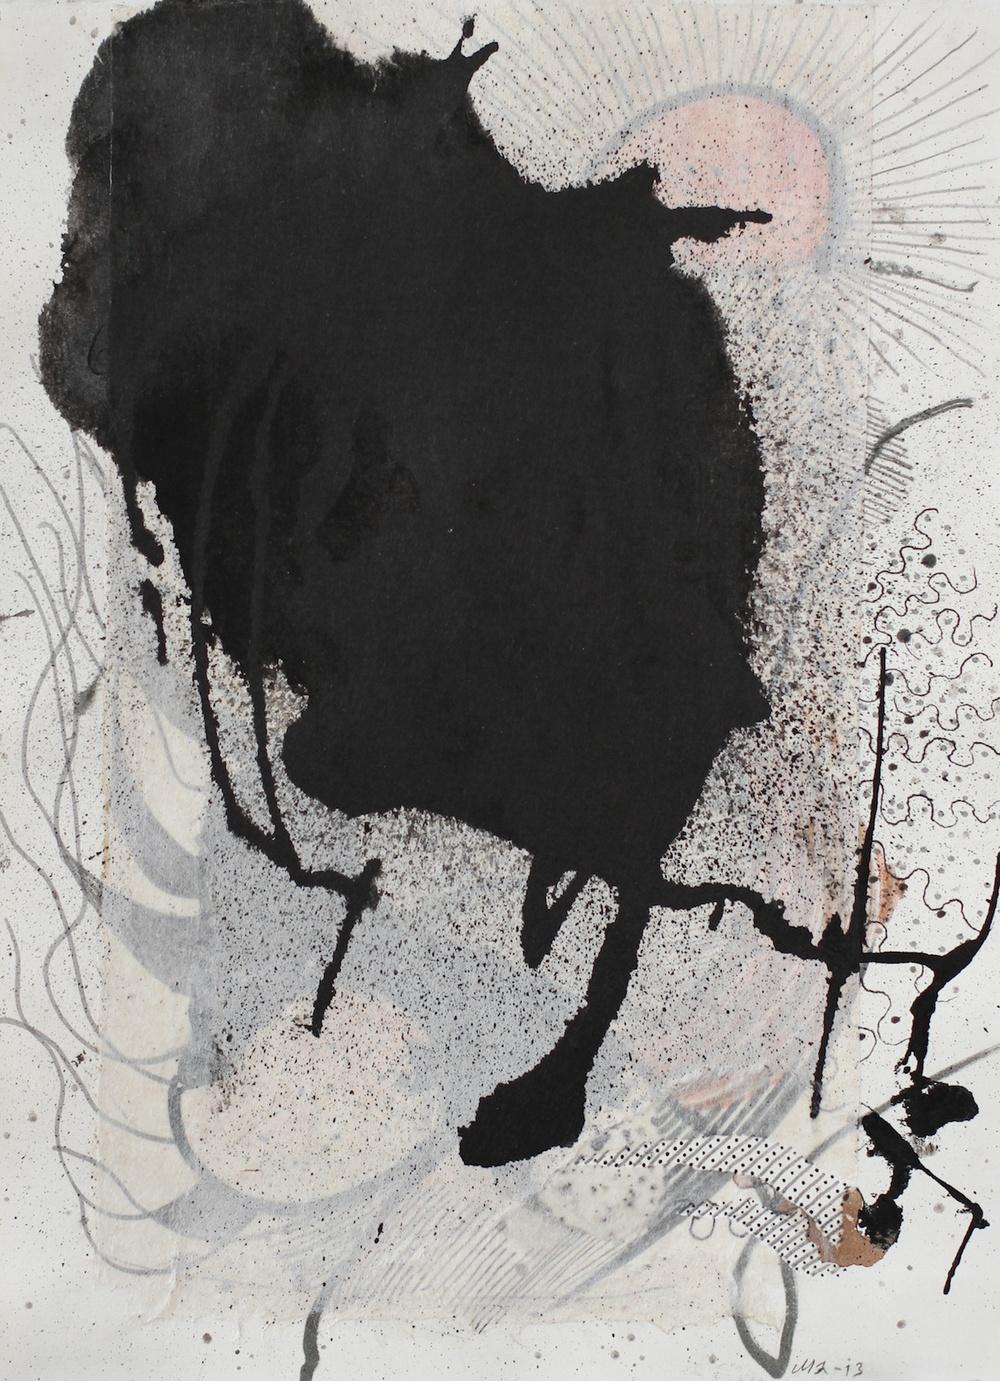 Mikko Kallio: Untitled, 2013.